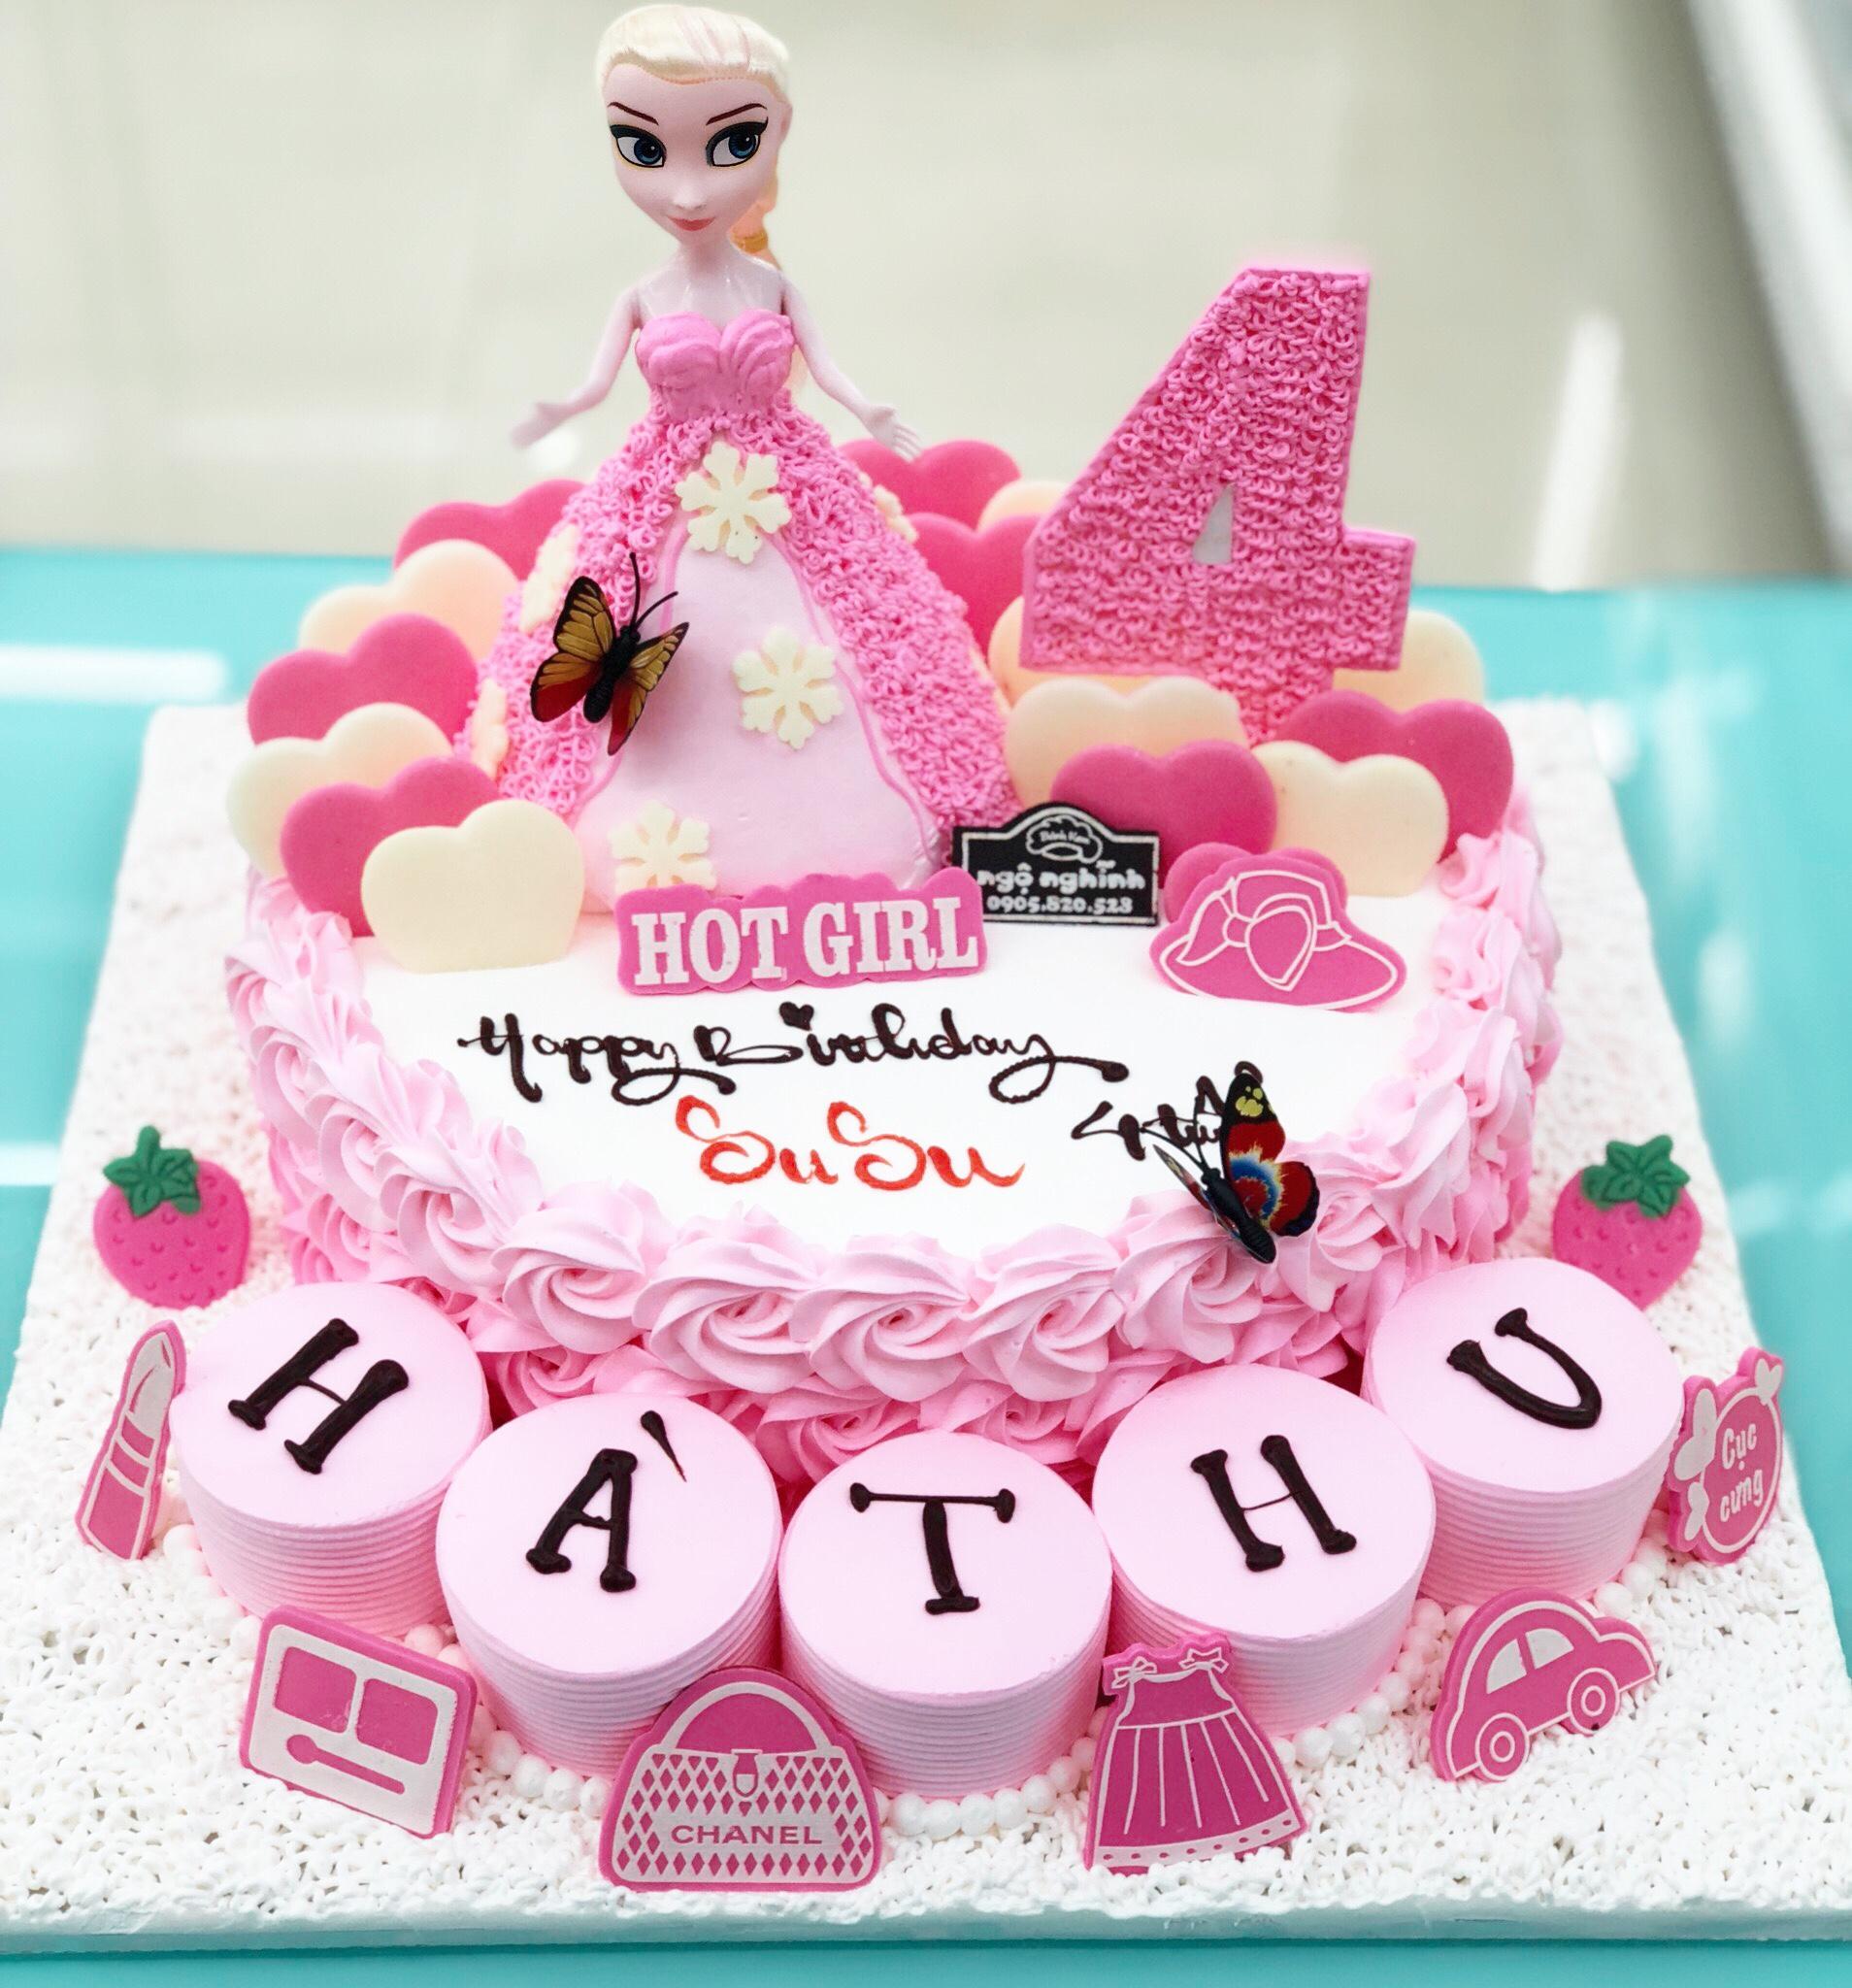 Bánh kem sinh nhật tạo hình công chúa ...